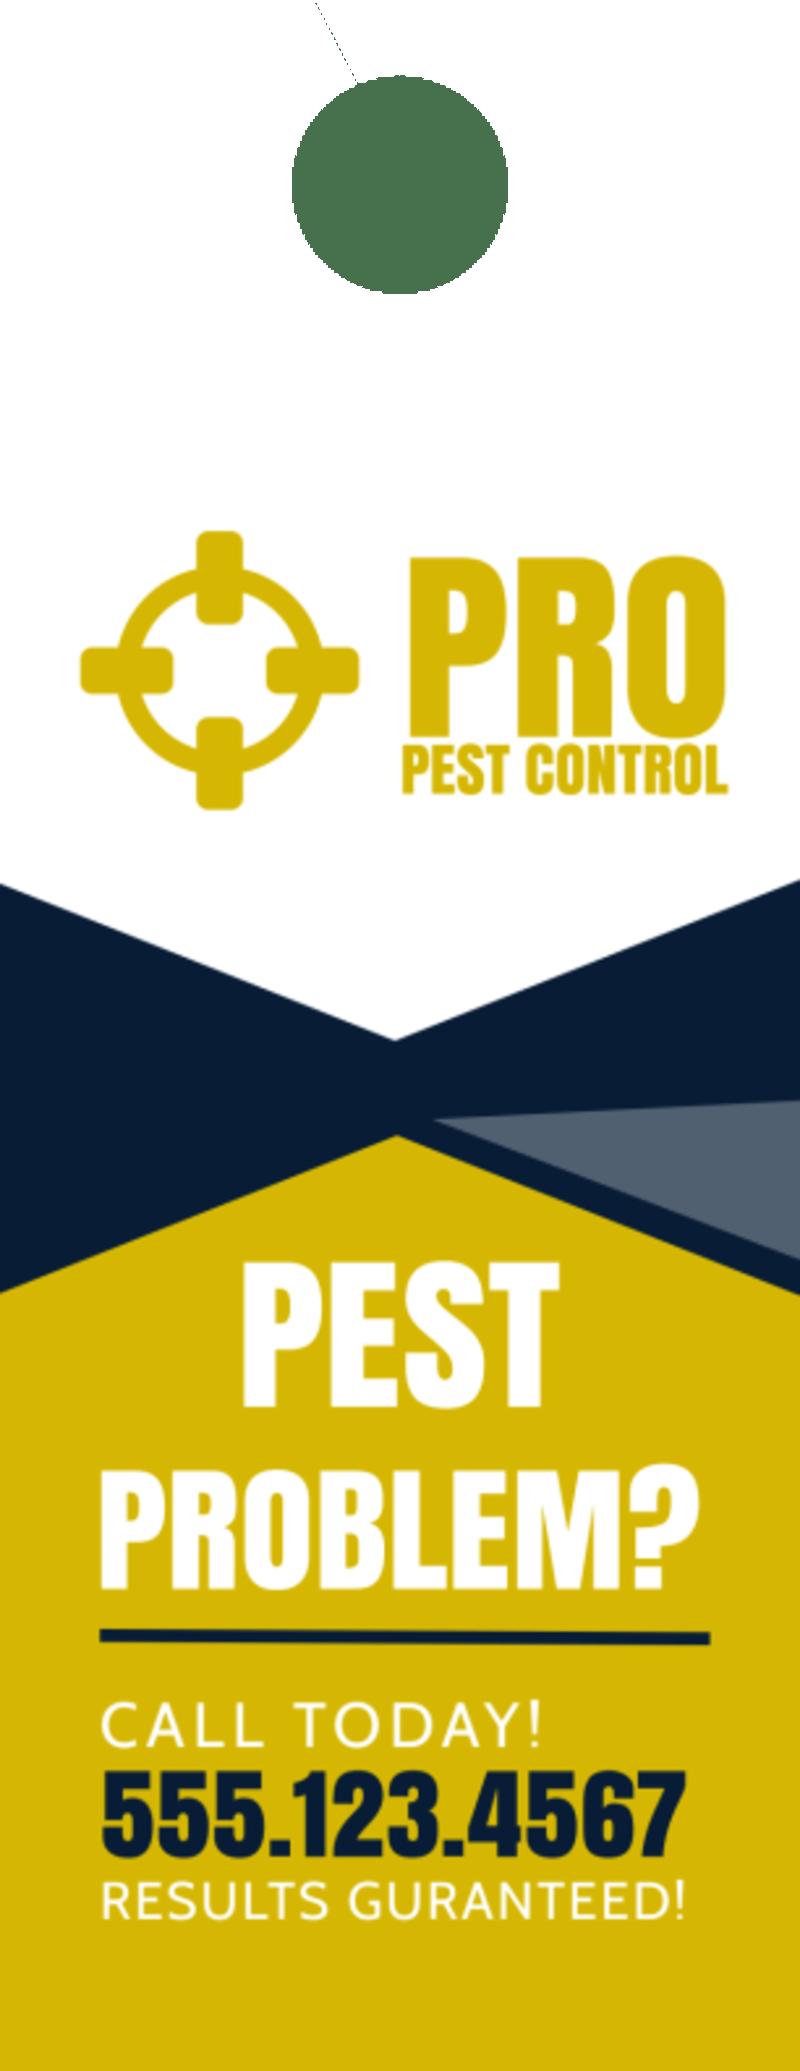 Pro Pest Control Door Hanger Template Preview 2